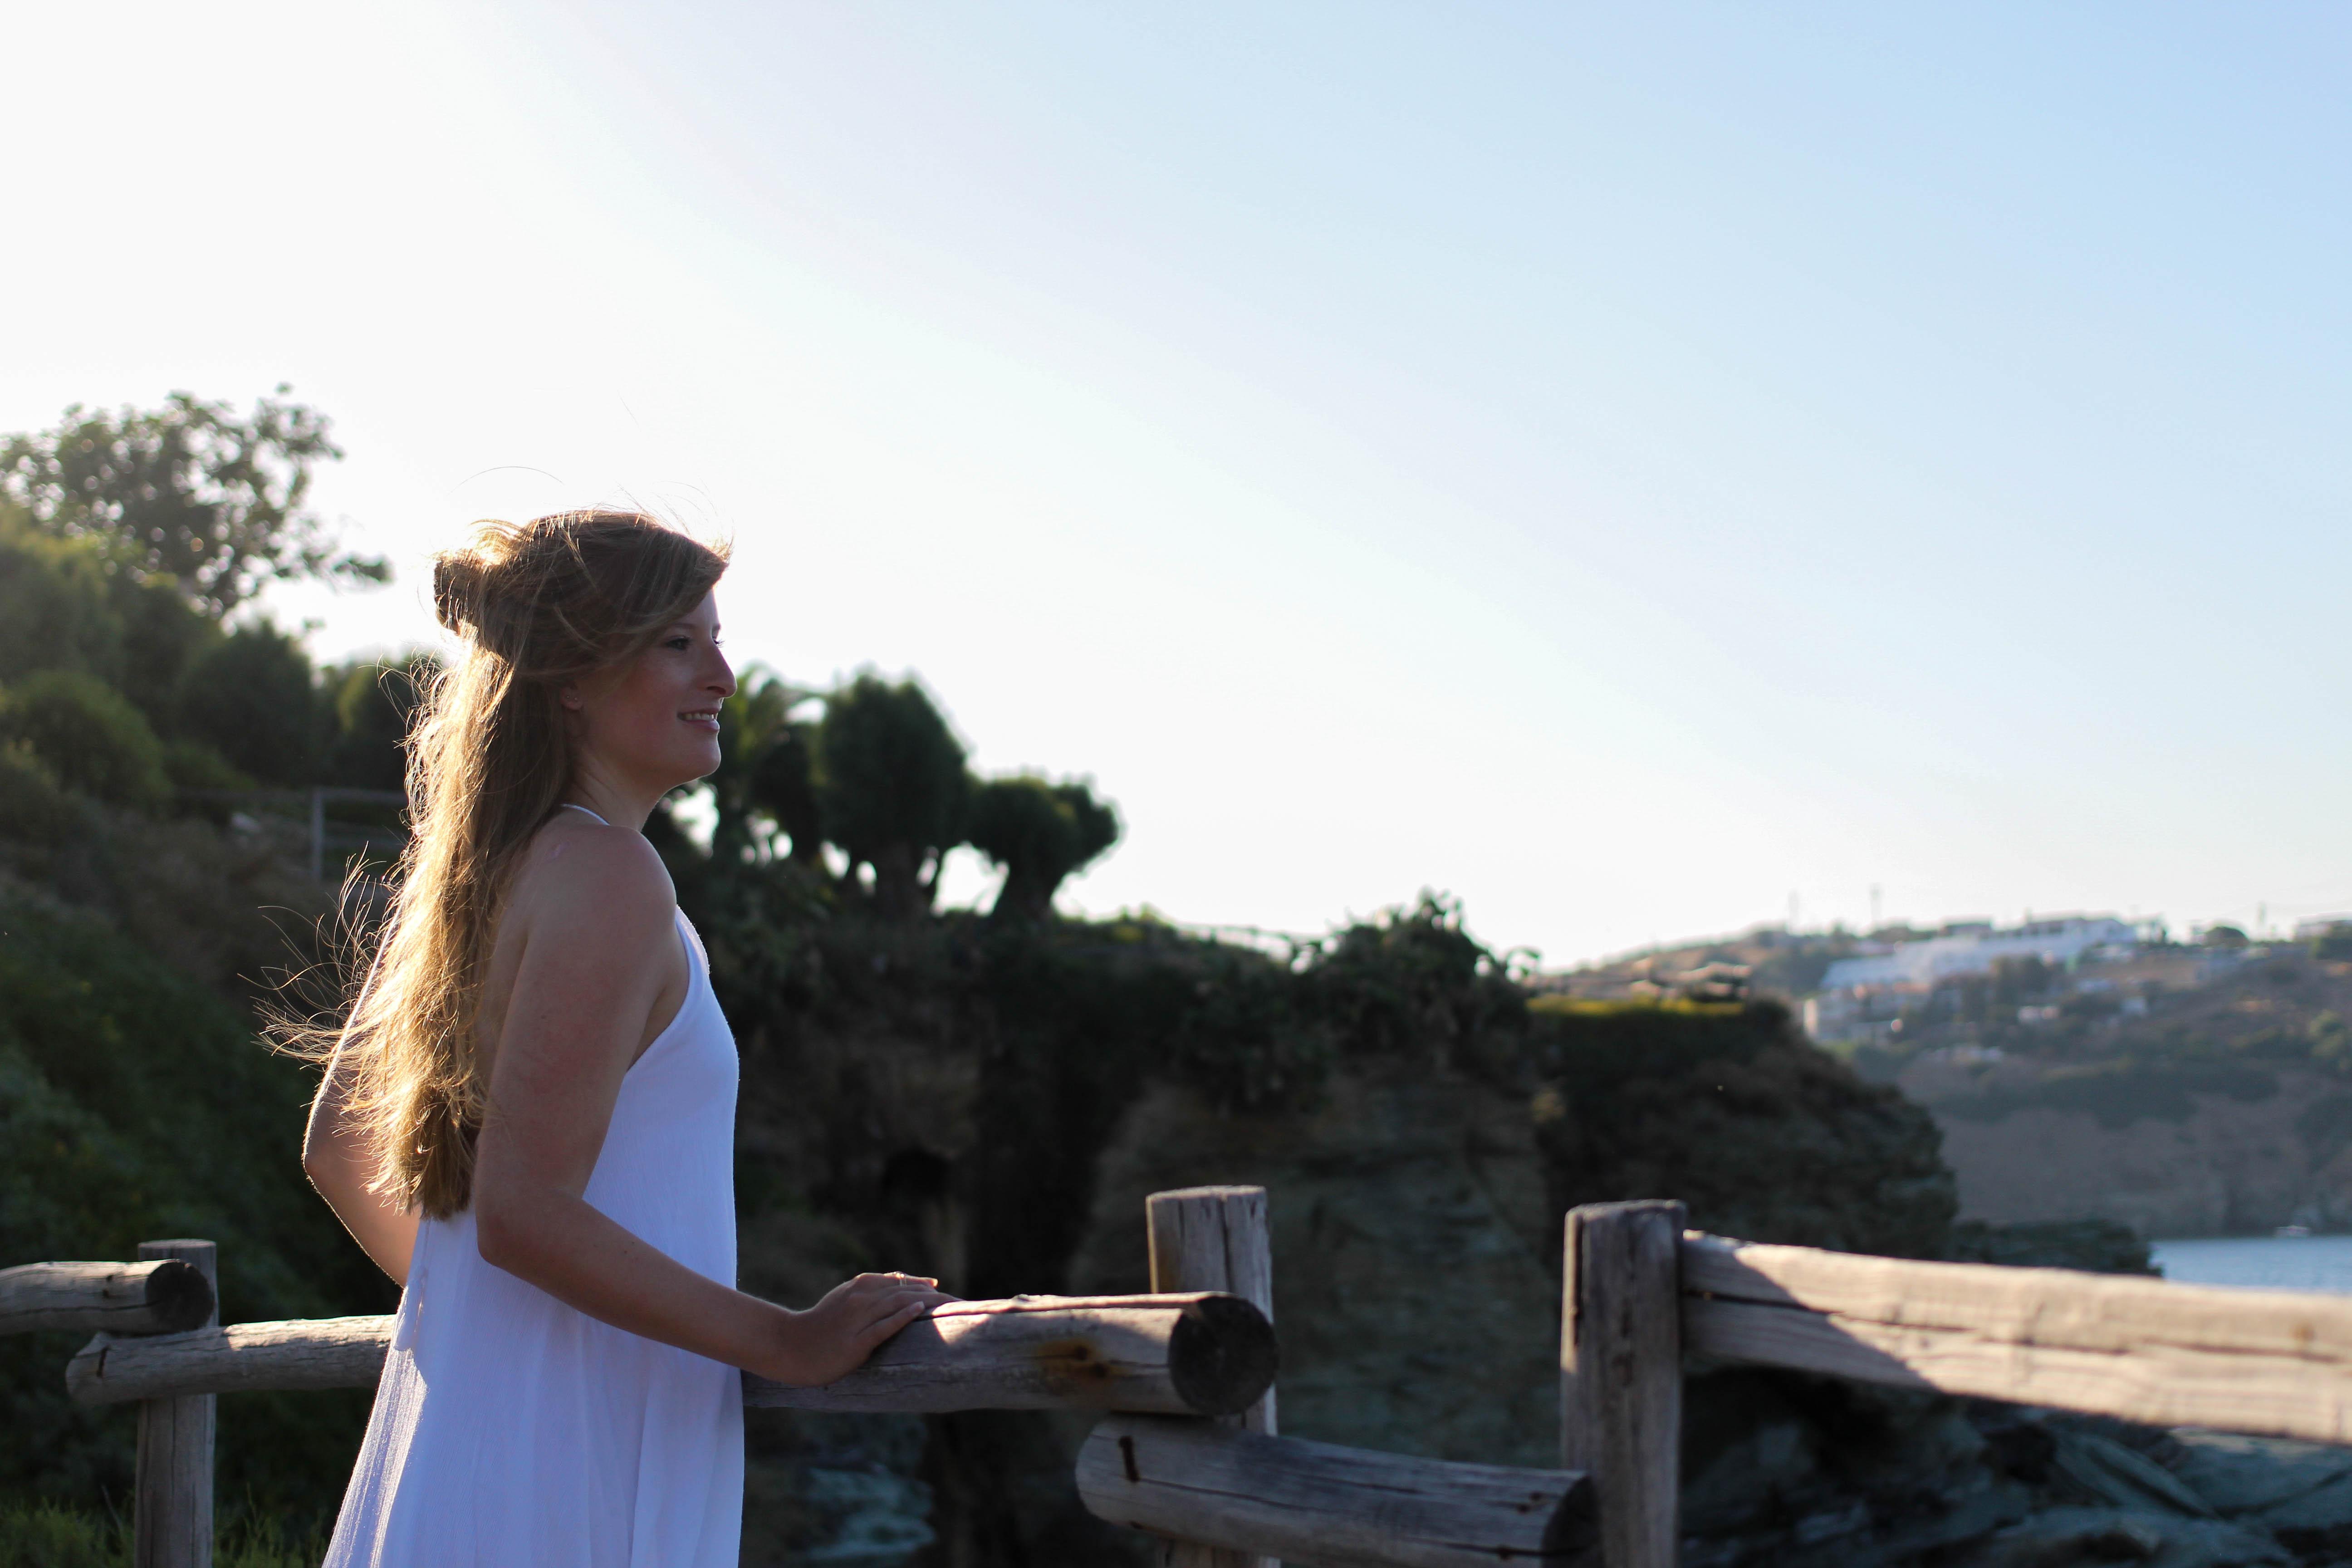 Modeblog Deuschland Fashion Blog Griechenland Kreta Sommeroutfit Blogger life weißes Kleid 2